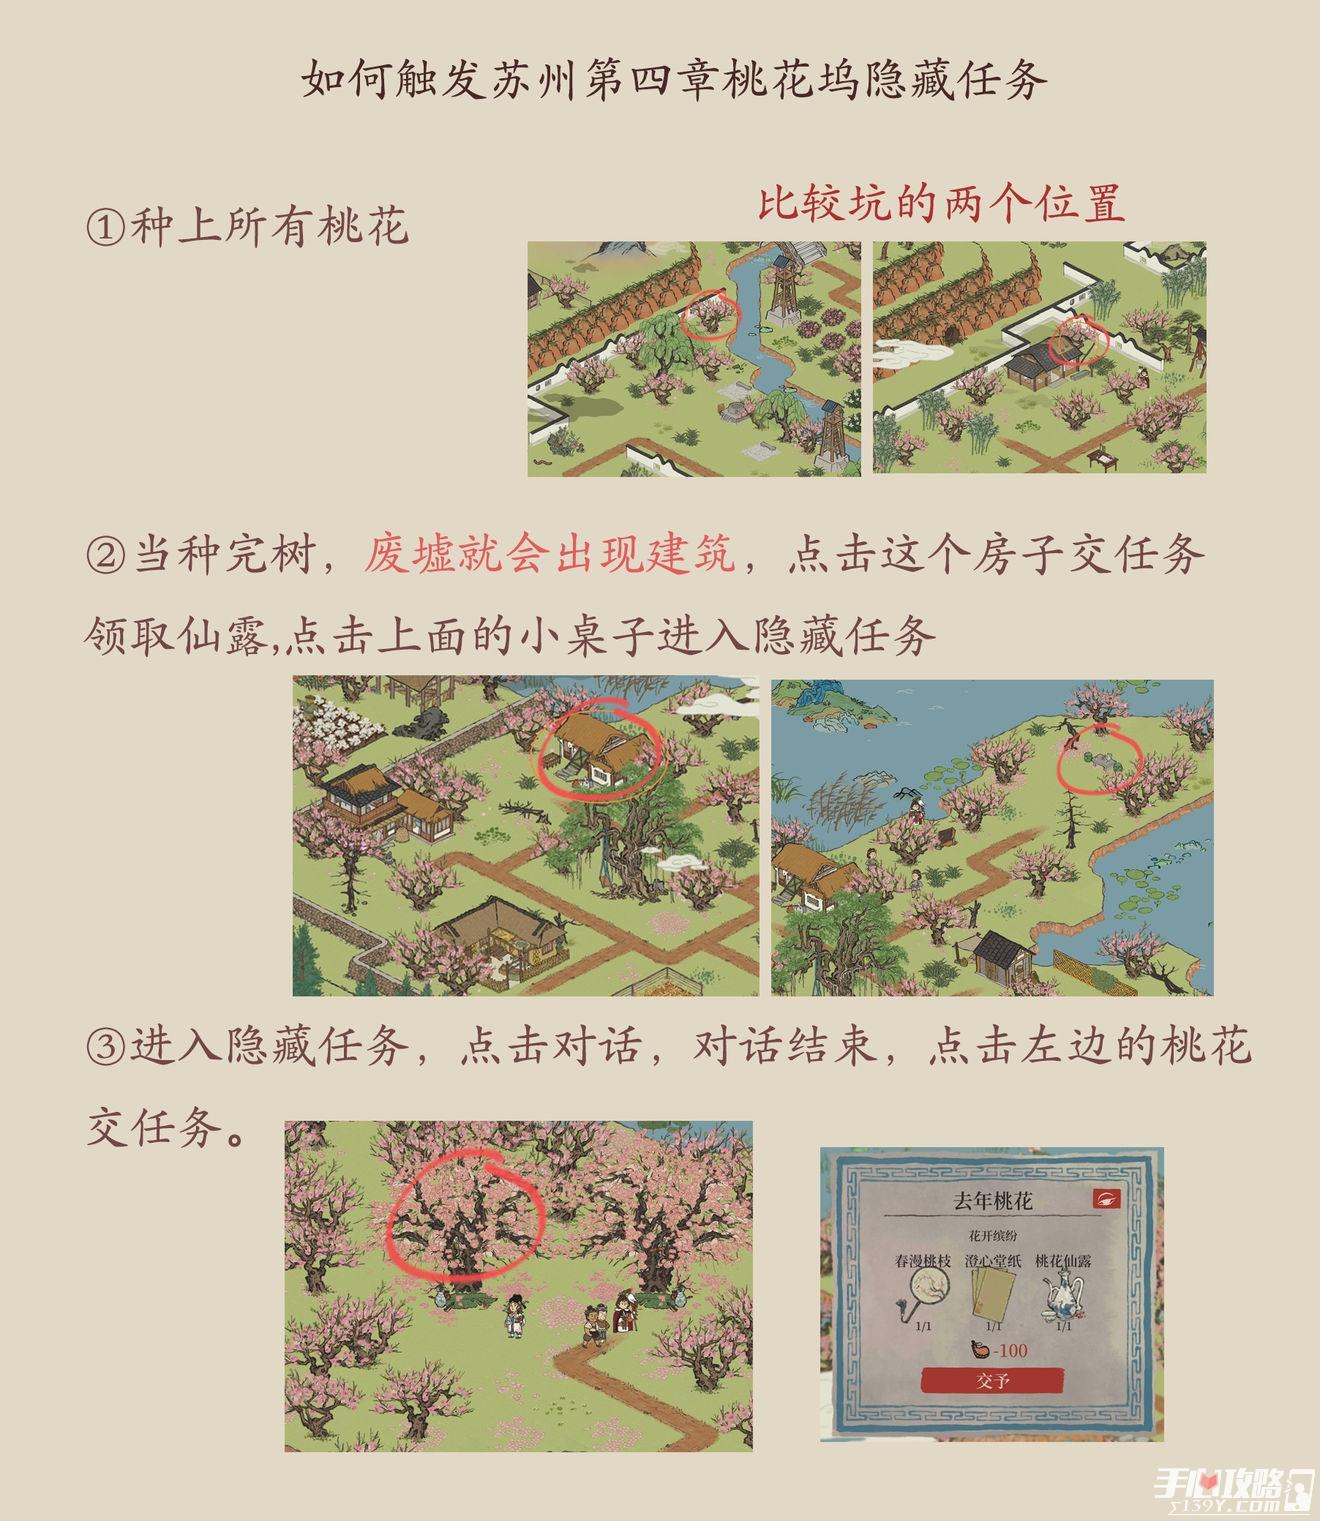 江南百景图桃花坞废墟恢复方法介绍